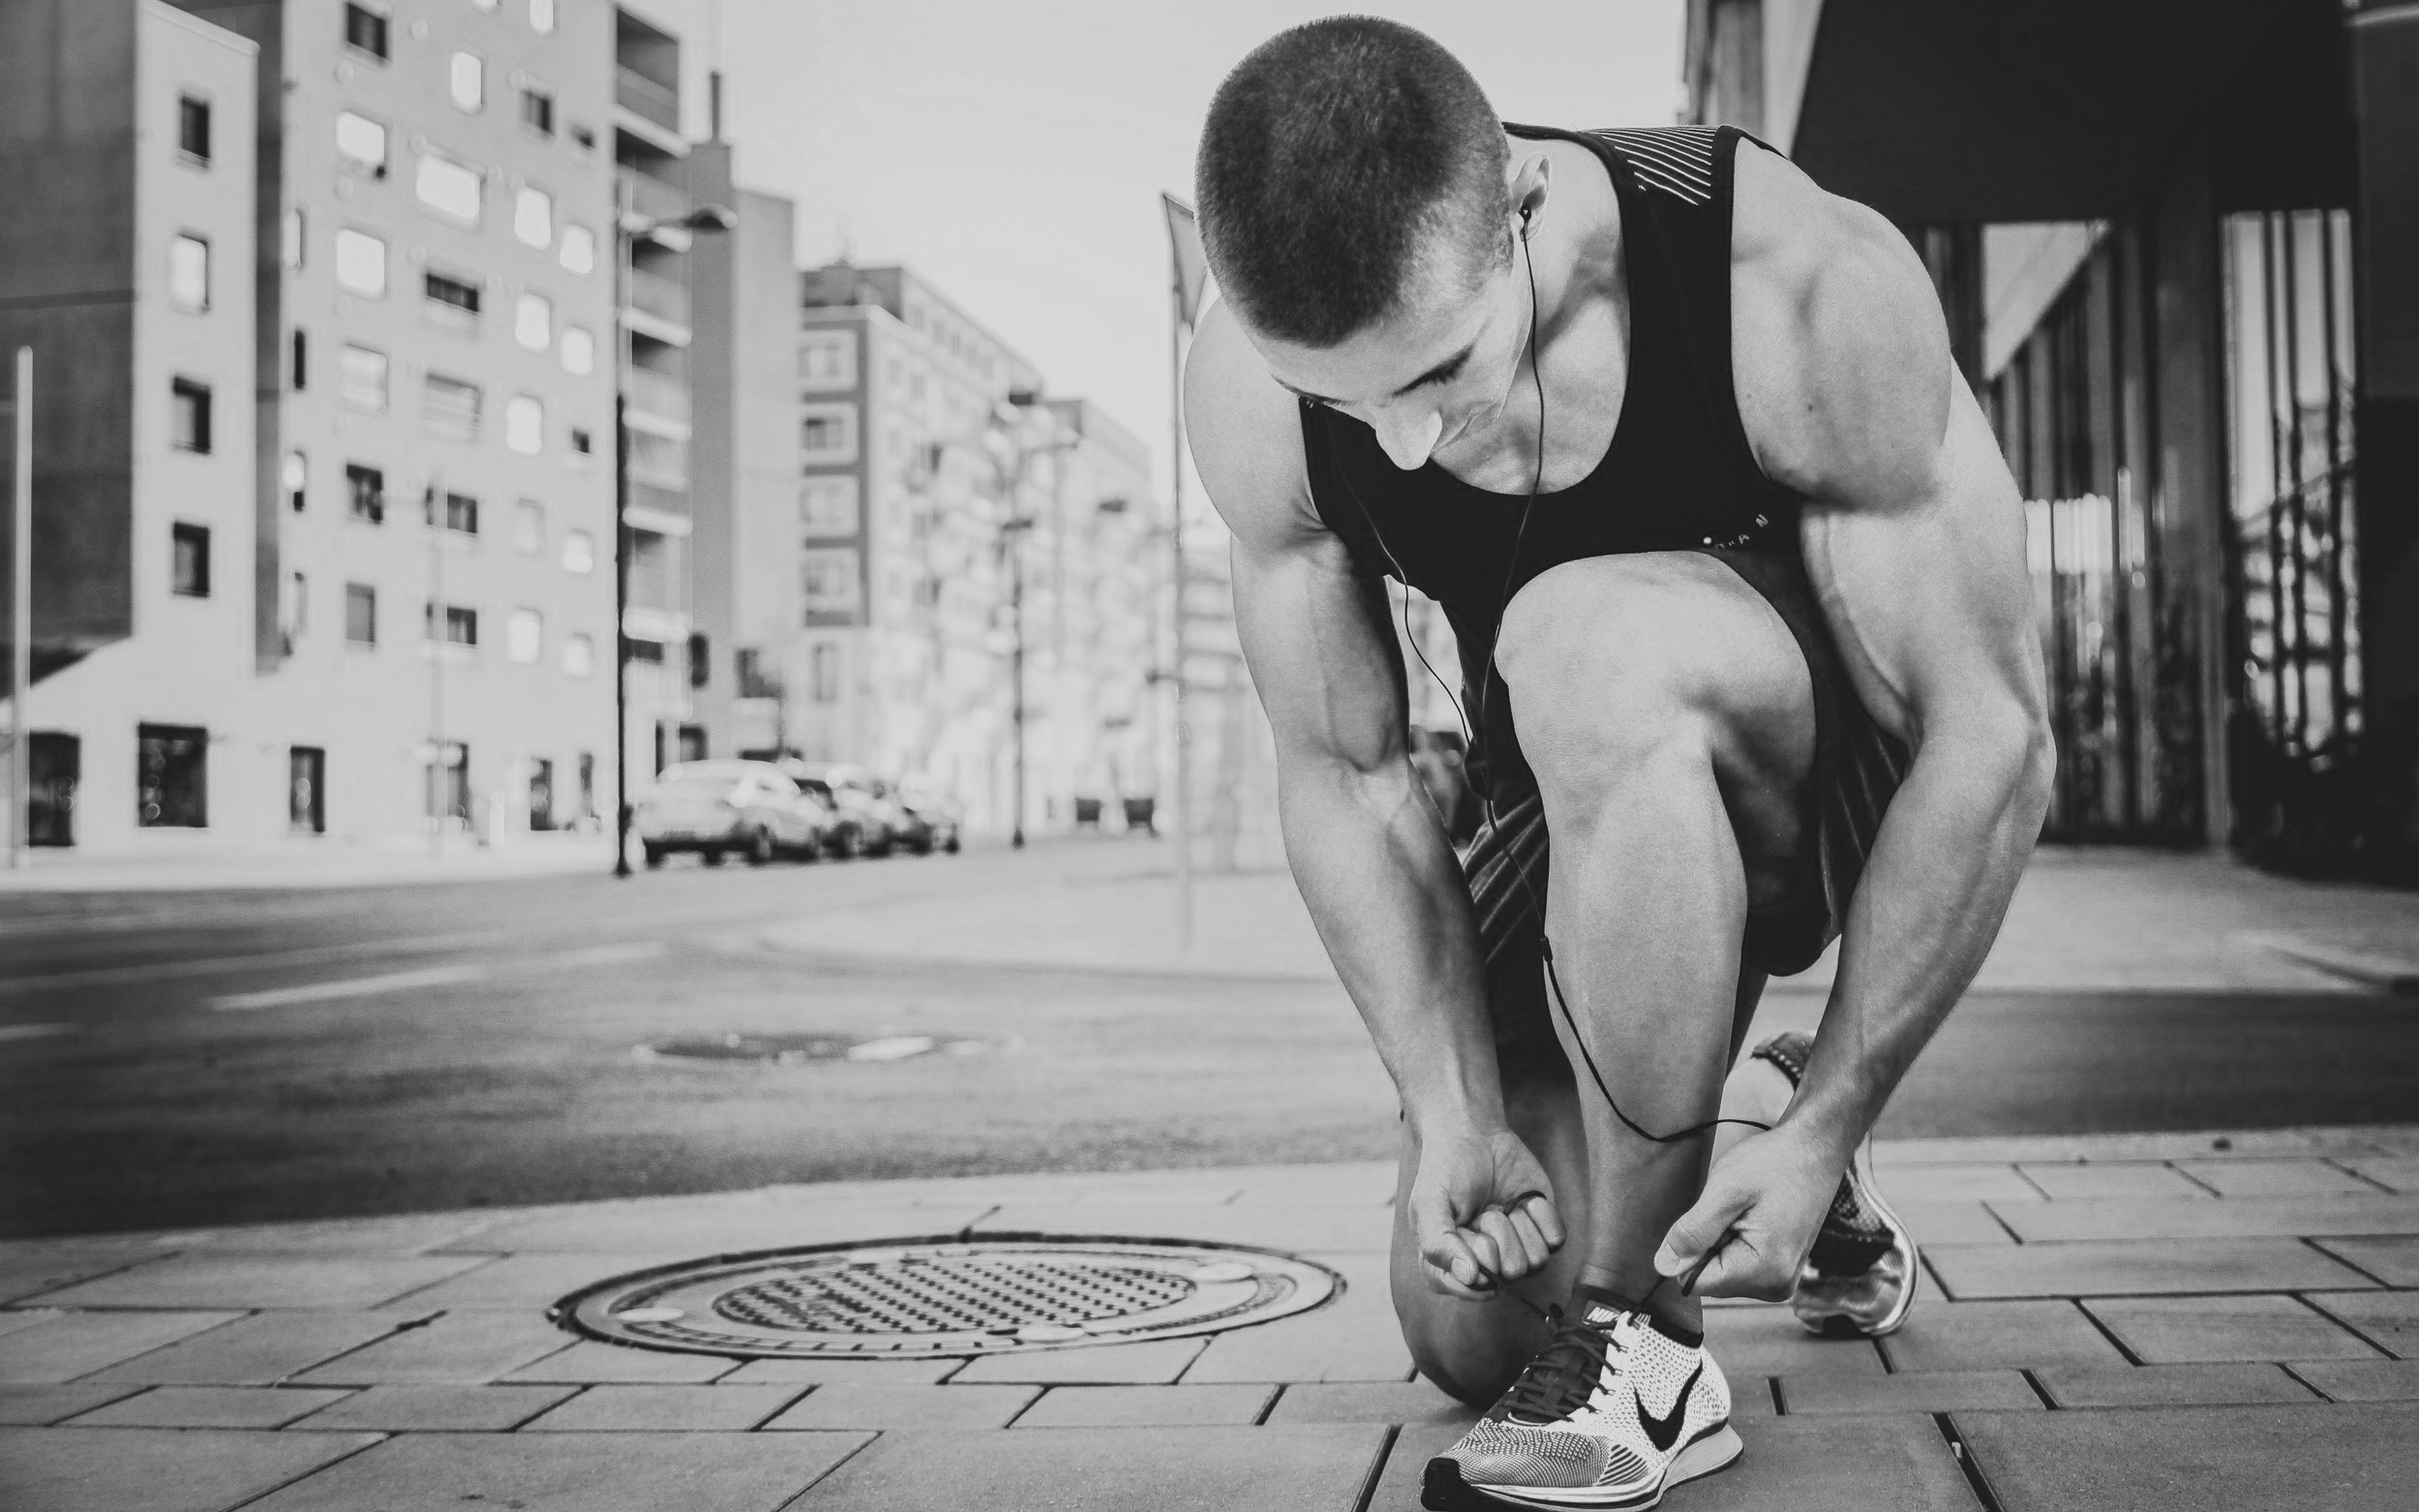 Runner+tying+shoe.jpg